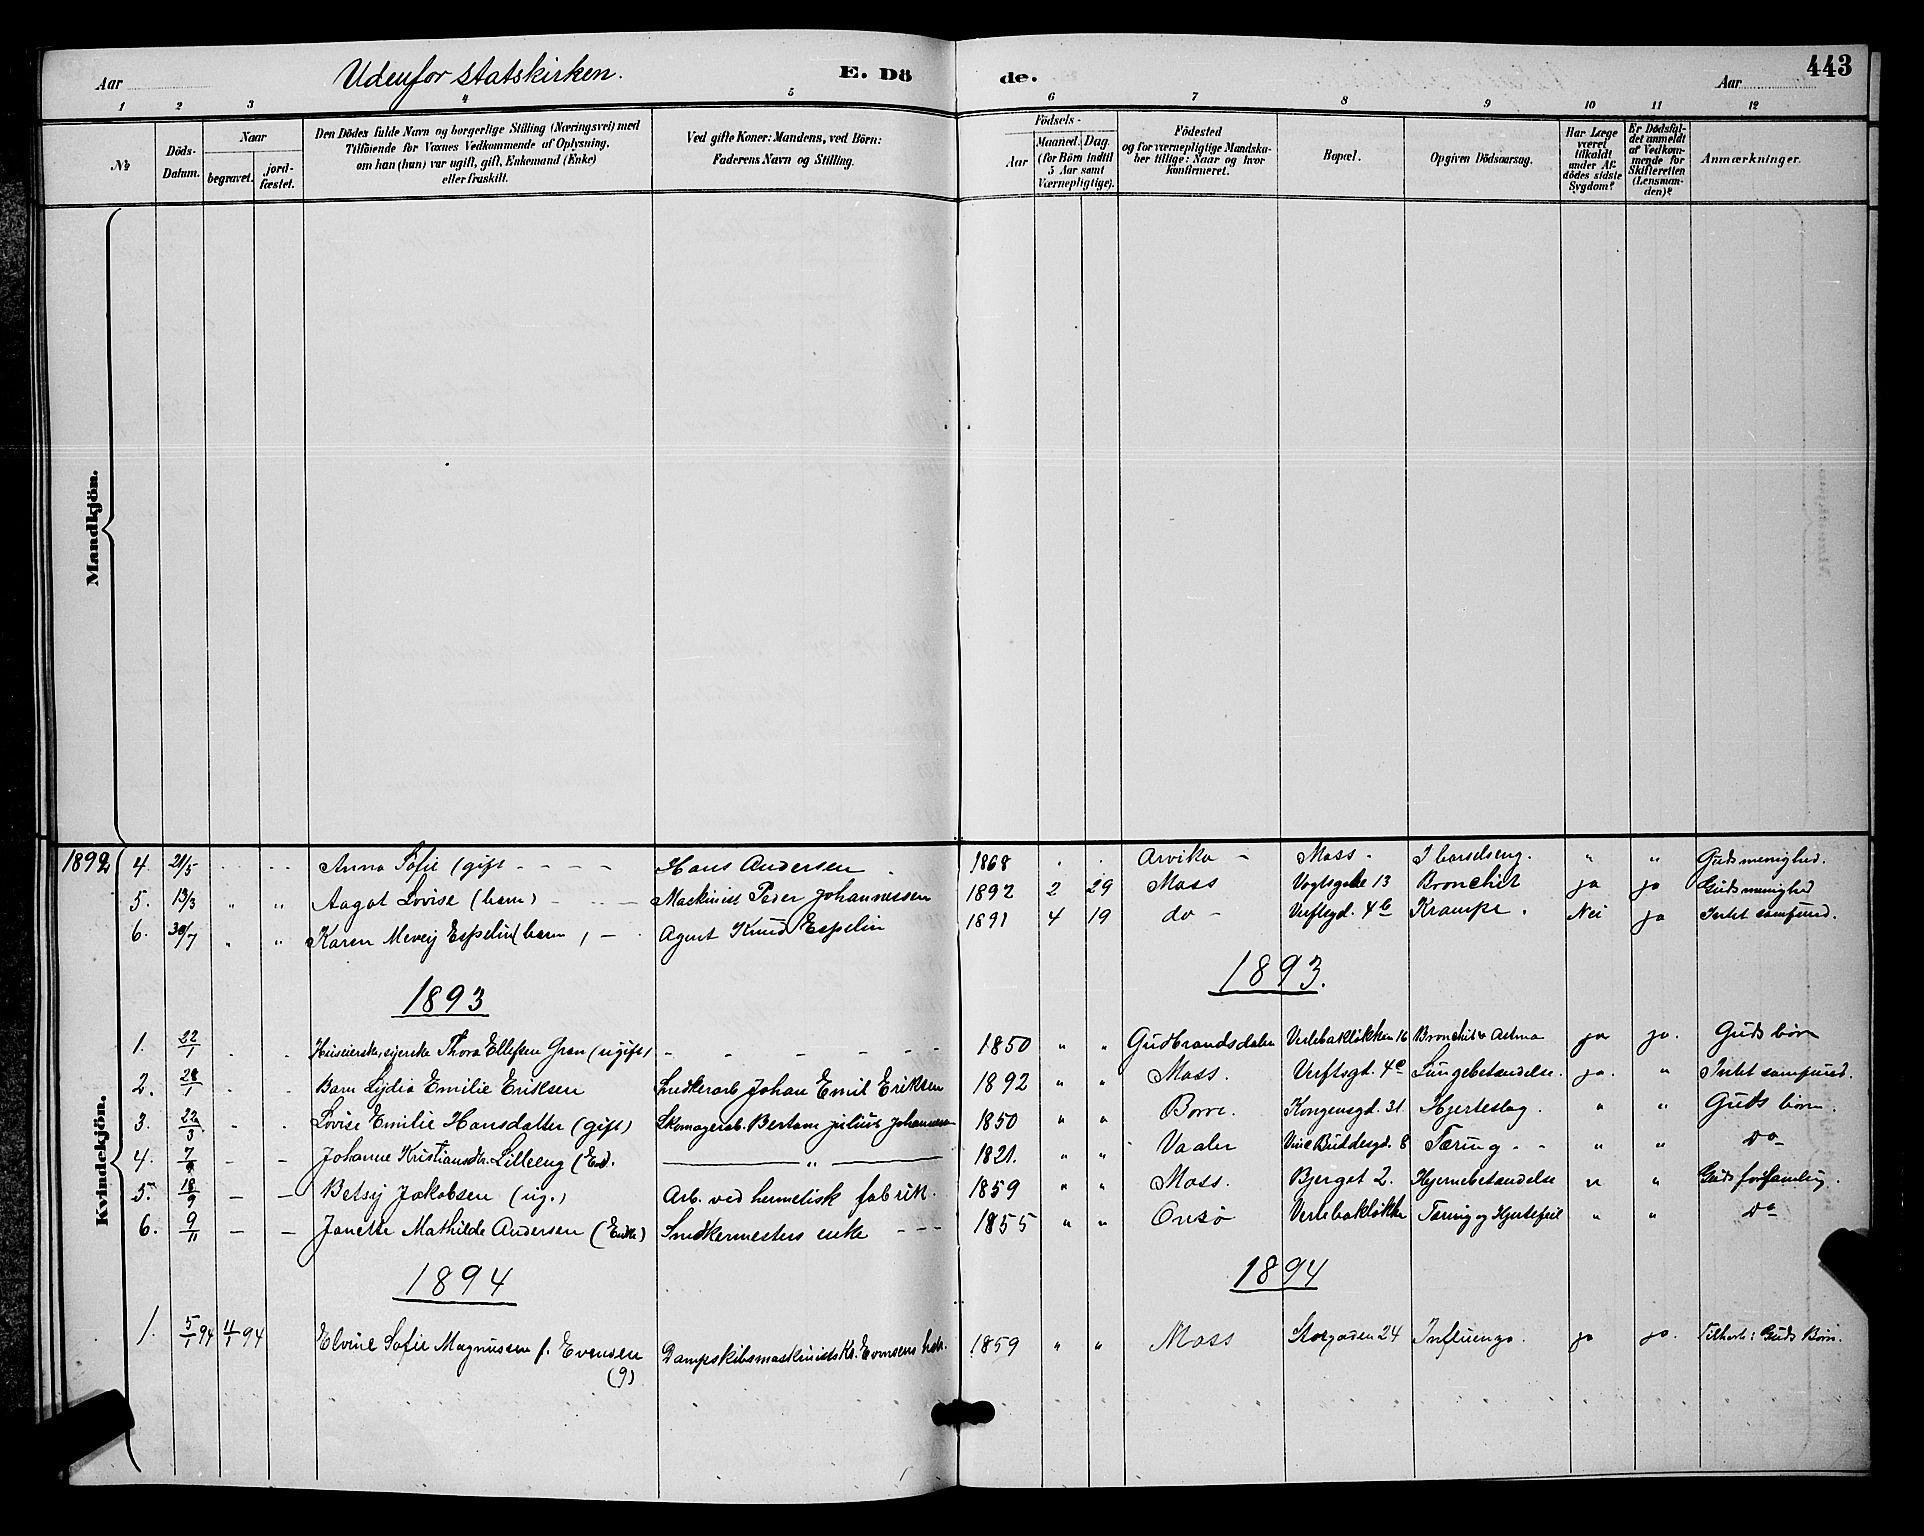 SAO, Moss prestekontor Kirkebøker, G/Ga/L0006: Klokkerbok nr. I 6, 1889-1900, s. 443